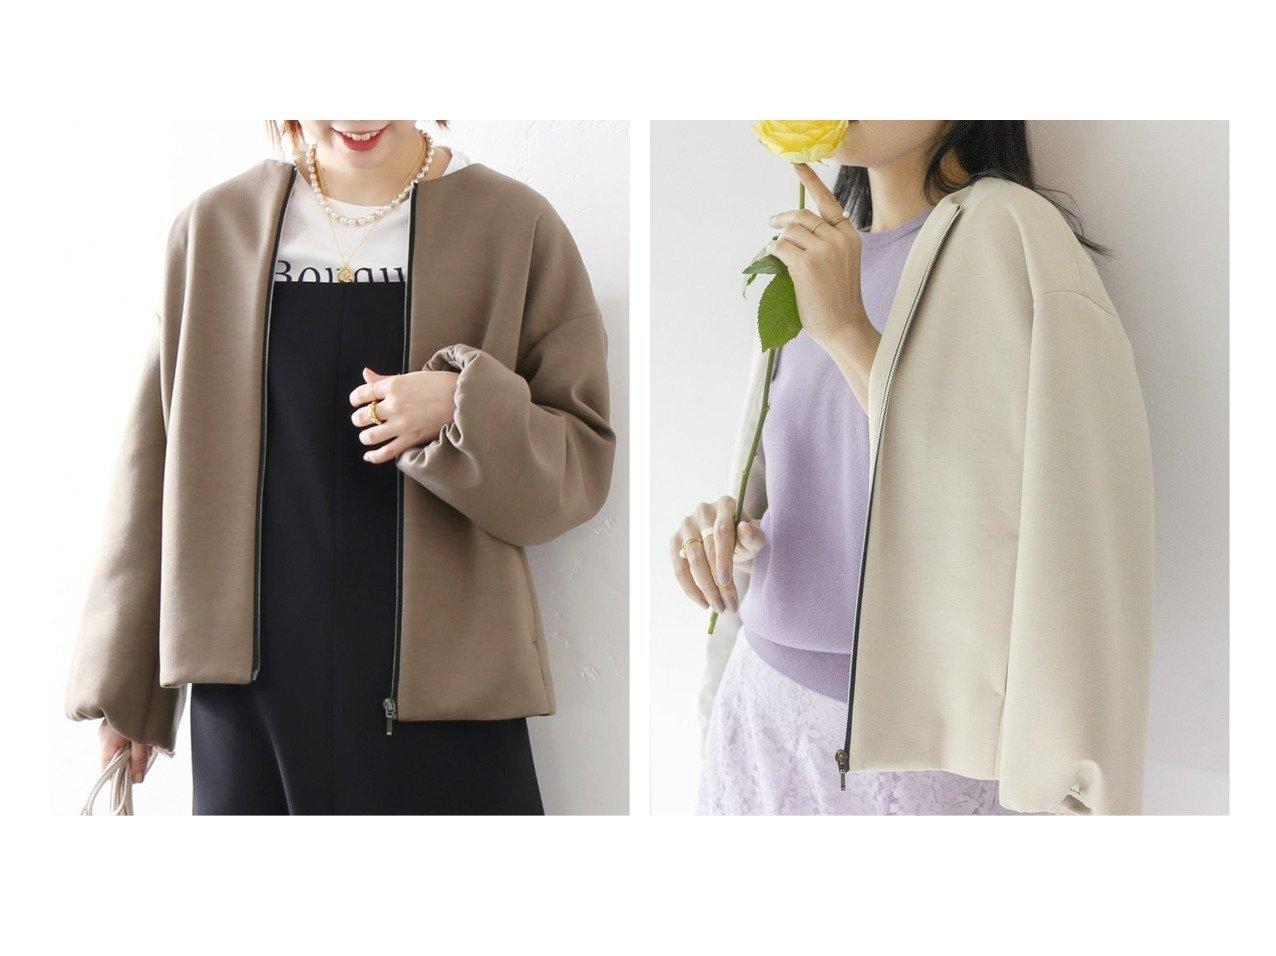 【La TOTALITE/ラ トータリテ】のダンボールニットブルゾン トップス・カットソーのおすすめ!人気、トレンド・レディースファッションの通販 おすすめで人気の流行・トレンド、ファッションの通販商品 メンズファッション・キッズファッション・インテリア・家具・レディースファッション・服の通販 founy(ファニー) https://founy.com/ ファッション Fashion レディースファッション WOMEN アウター Coat Outerwear ブルゾン Blouson Jackets トップス カットソー Tops Tshirt ニット Knit Tops 春 Spring ギャザー シンプル ジップ スニーカー スリーブ デニム ブルゾン マキシ レース A/W 秋冬 AW Autumn/Winter / FW Fall-Winter 2021年 2021 再入荷 Restock/Back in Stock/Re Arrival S/S 春夏 SS Spring/Summer 2021 春夏 S/S SS Spring/Summer 2021 おすすめ Recommend  ID:crp329100000022960